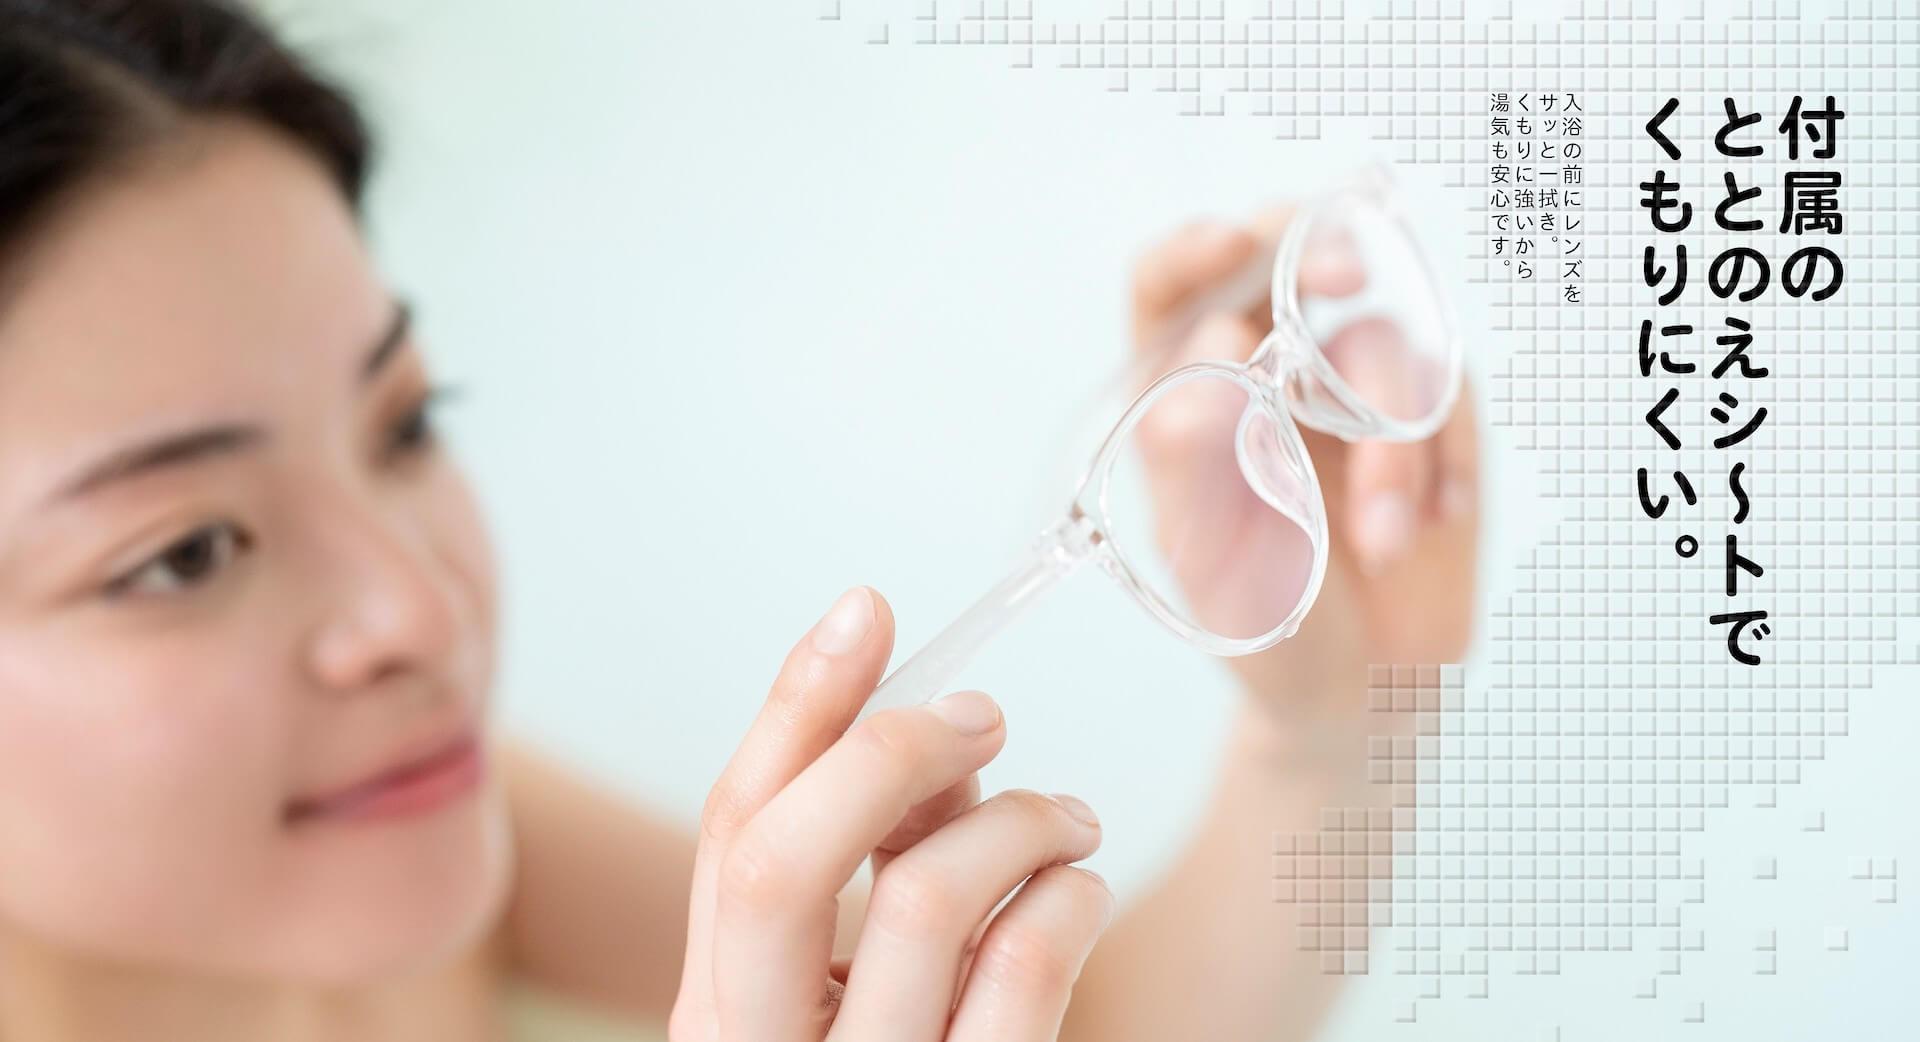 メガネの愛眼からファッショナブルなサウナ用メガネが登場!「アイガン FORゆII」が販売開始 life210610_aigan_sauna_4